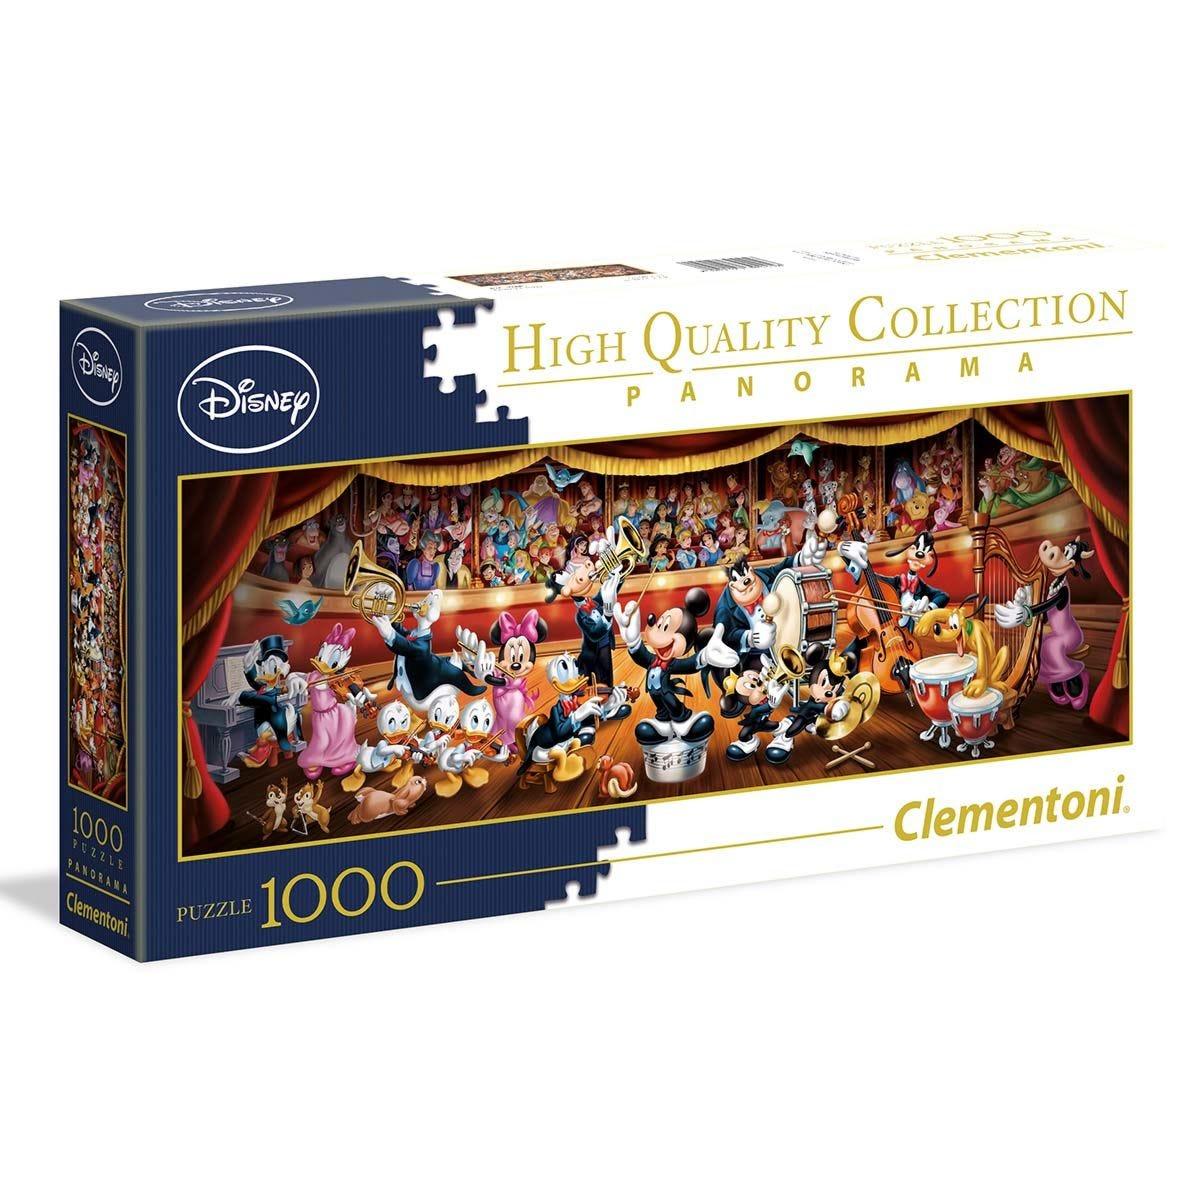 Disney Classic 1000 Piece Puzzle